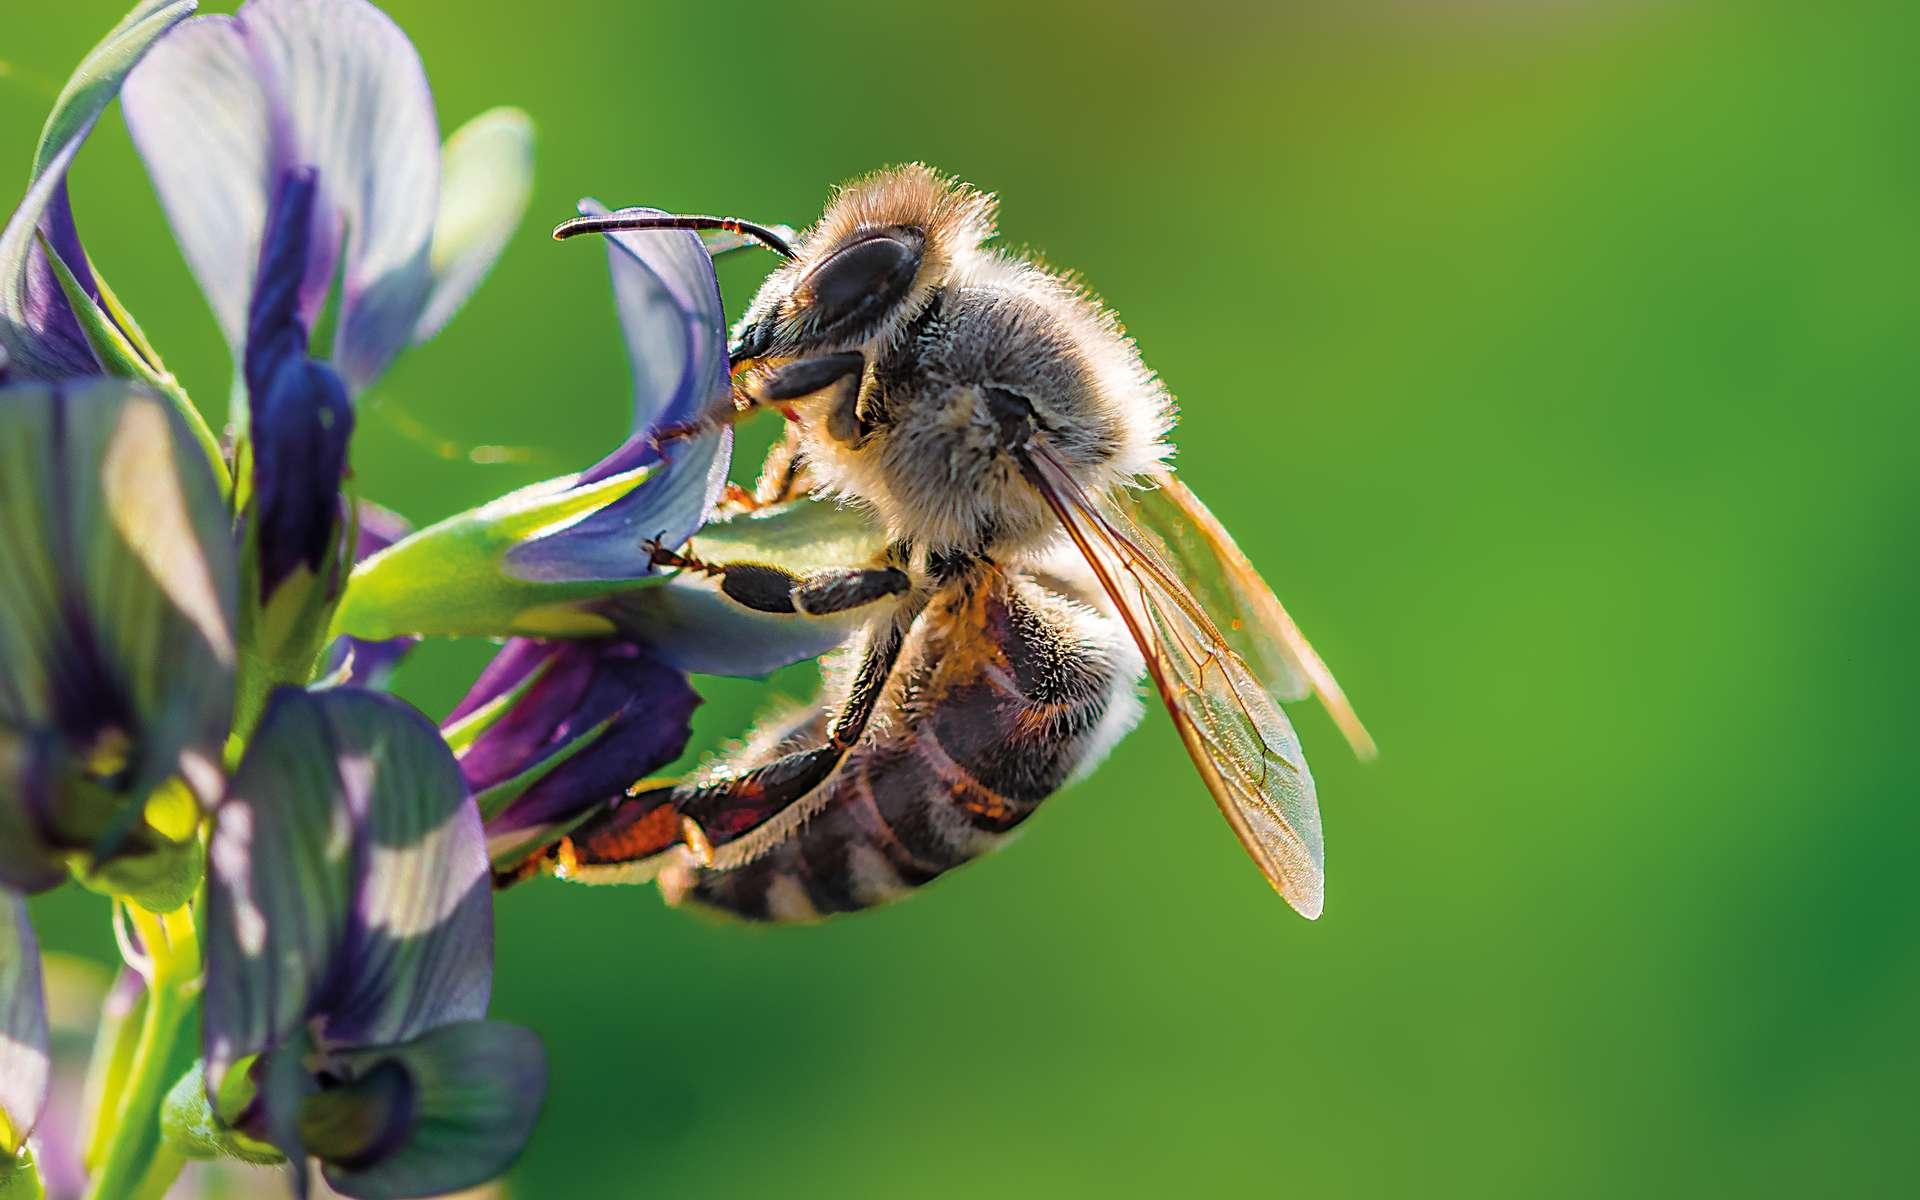 Il existe environ 20.000 espèces d'abeilles répertoriées. Un chiffre comprenant les bourdons. © Martin, Adobe Stock